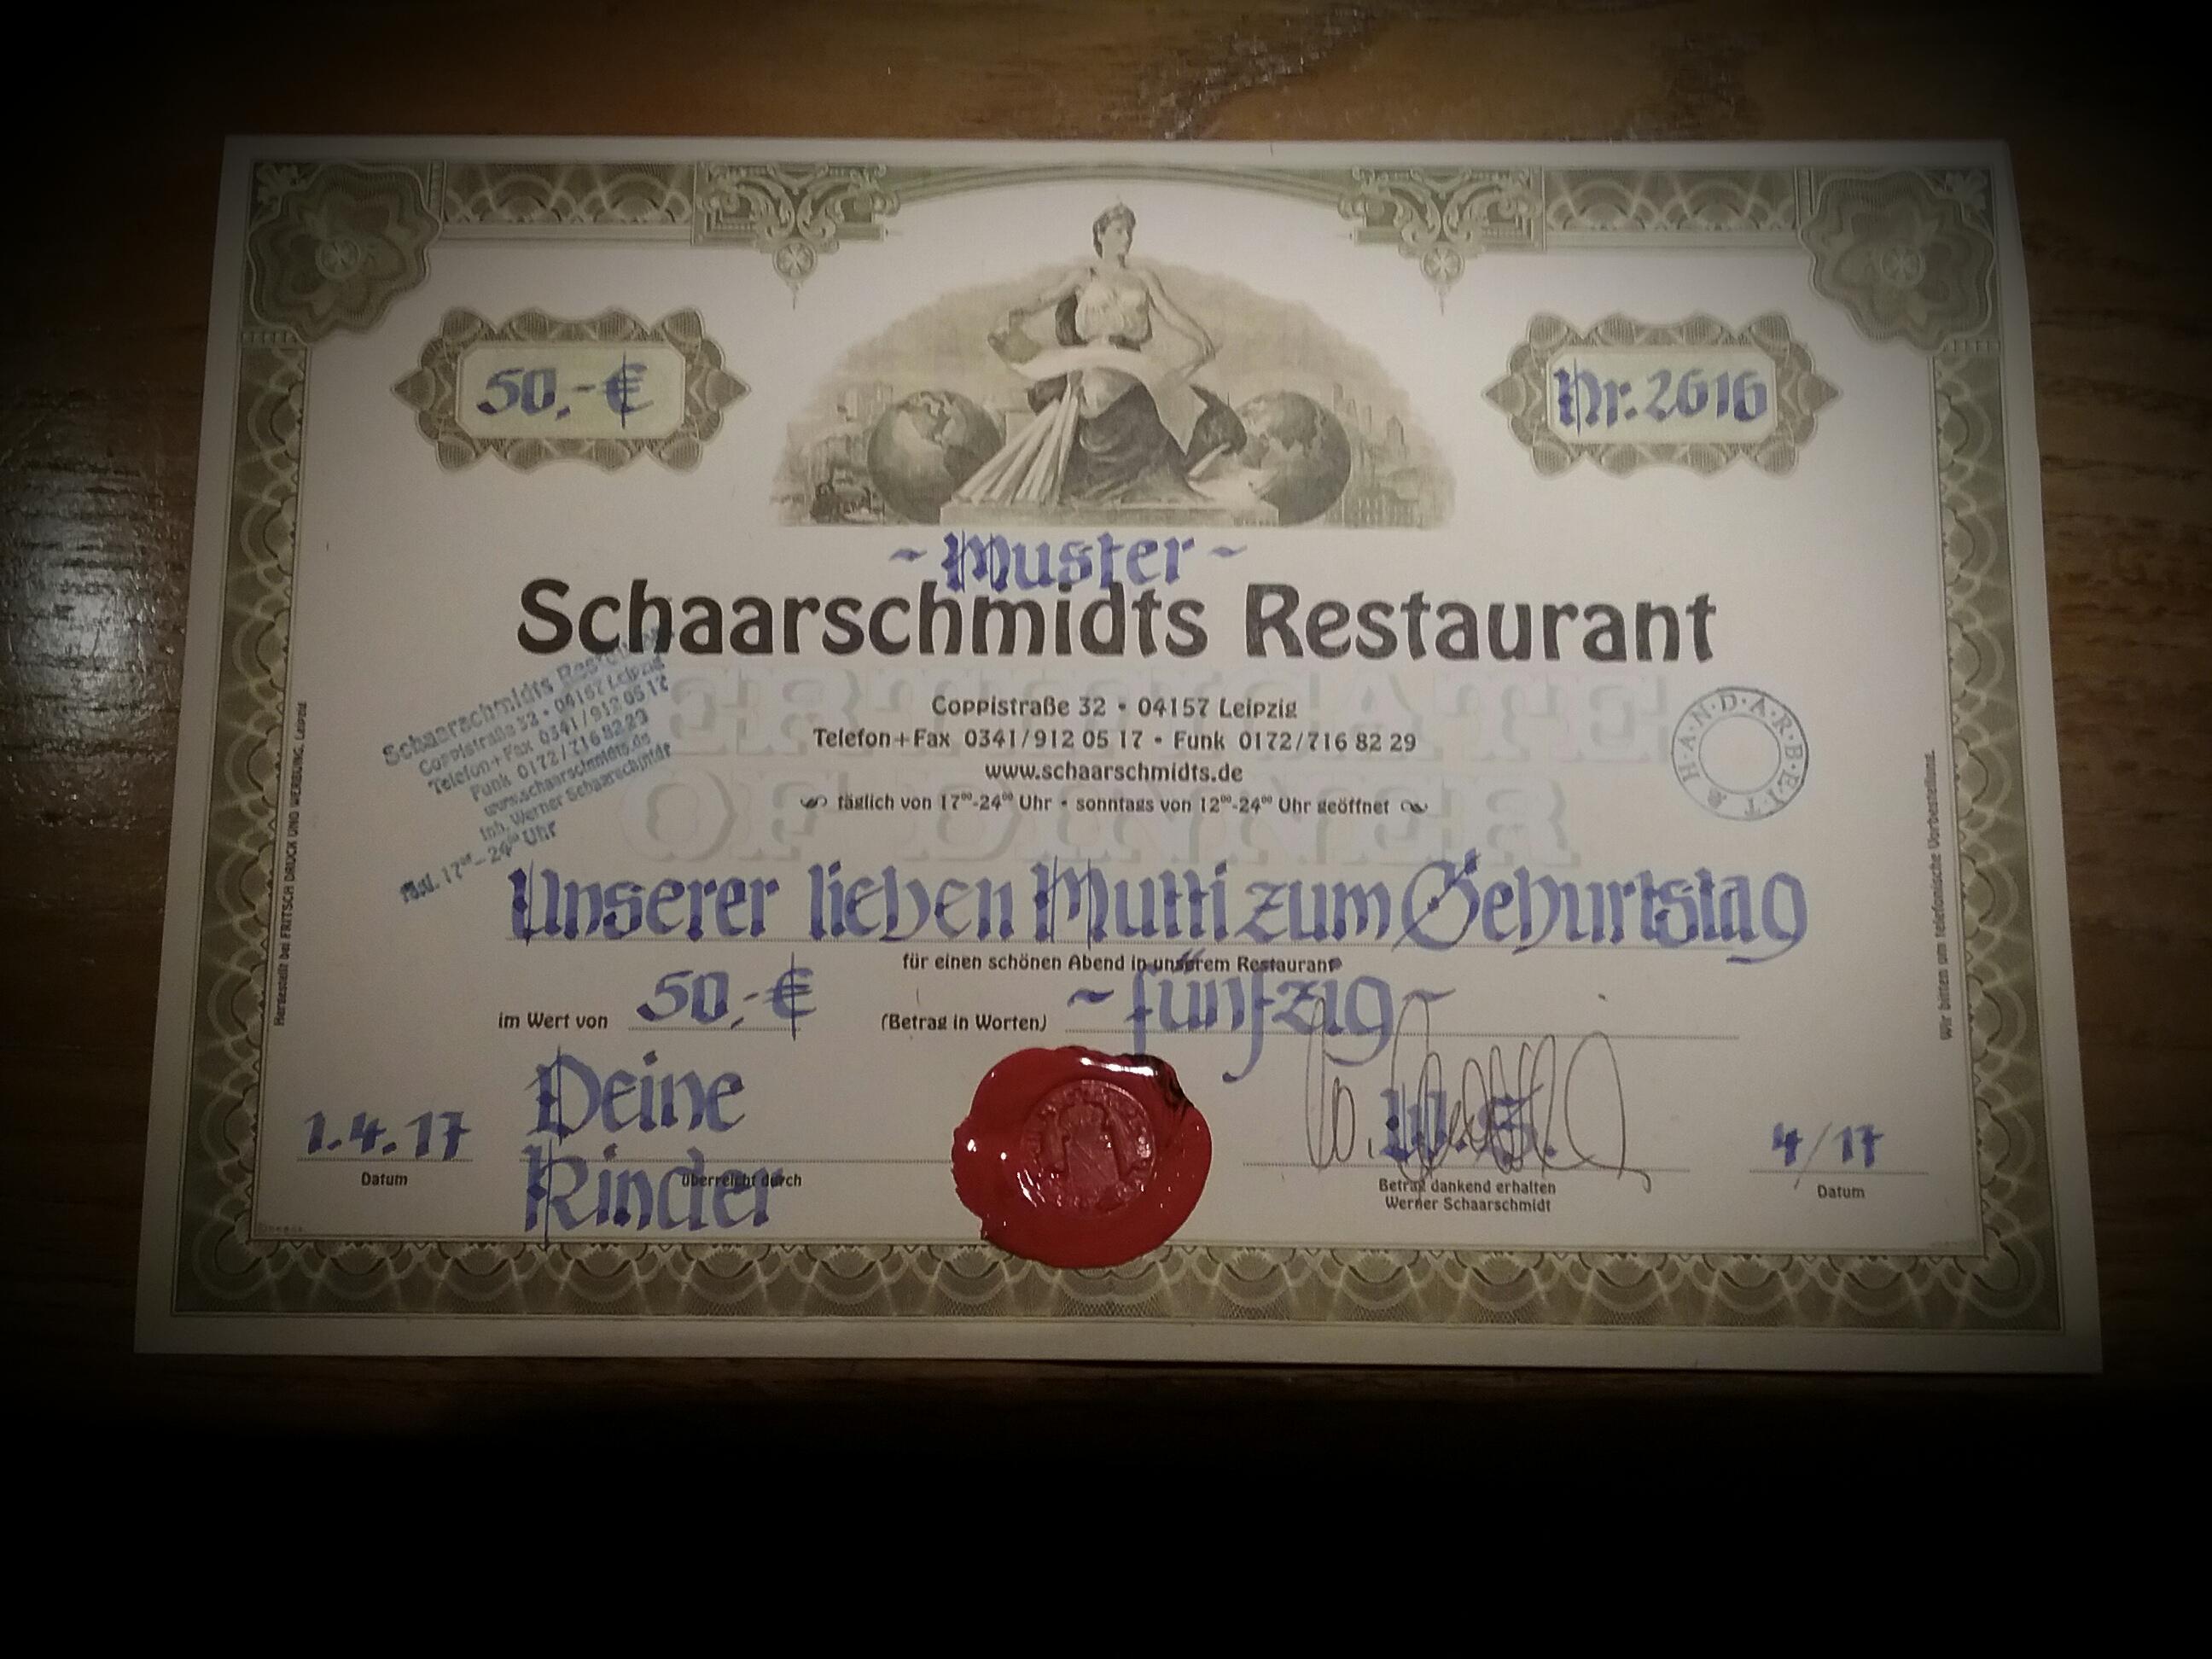 Unser Restaurantgutschein bestehend aus einer alten Aktie des Waldorf Astoria New York ist stilvoll kaligraphisch beschriftet und mit altem Siegel